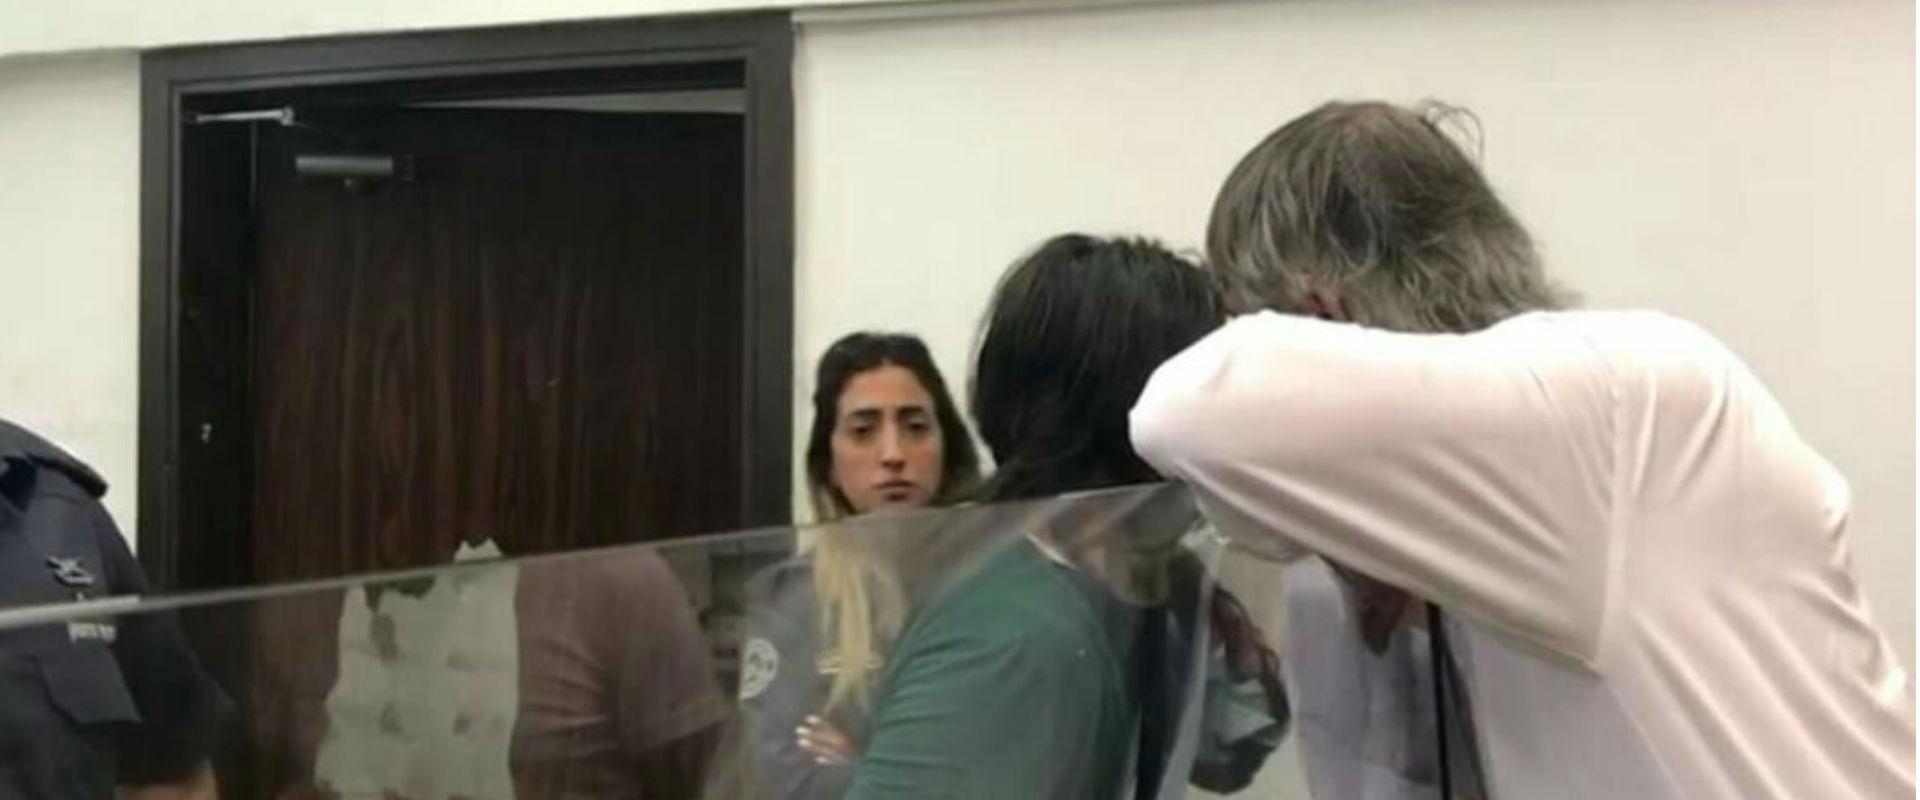 גבריאלוב (במרכז התמונה) בבית המשפט, היום